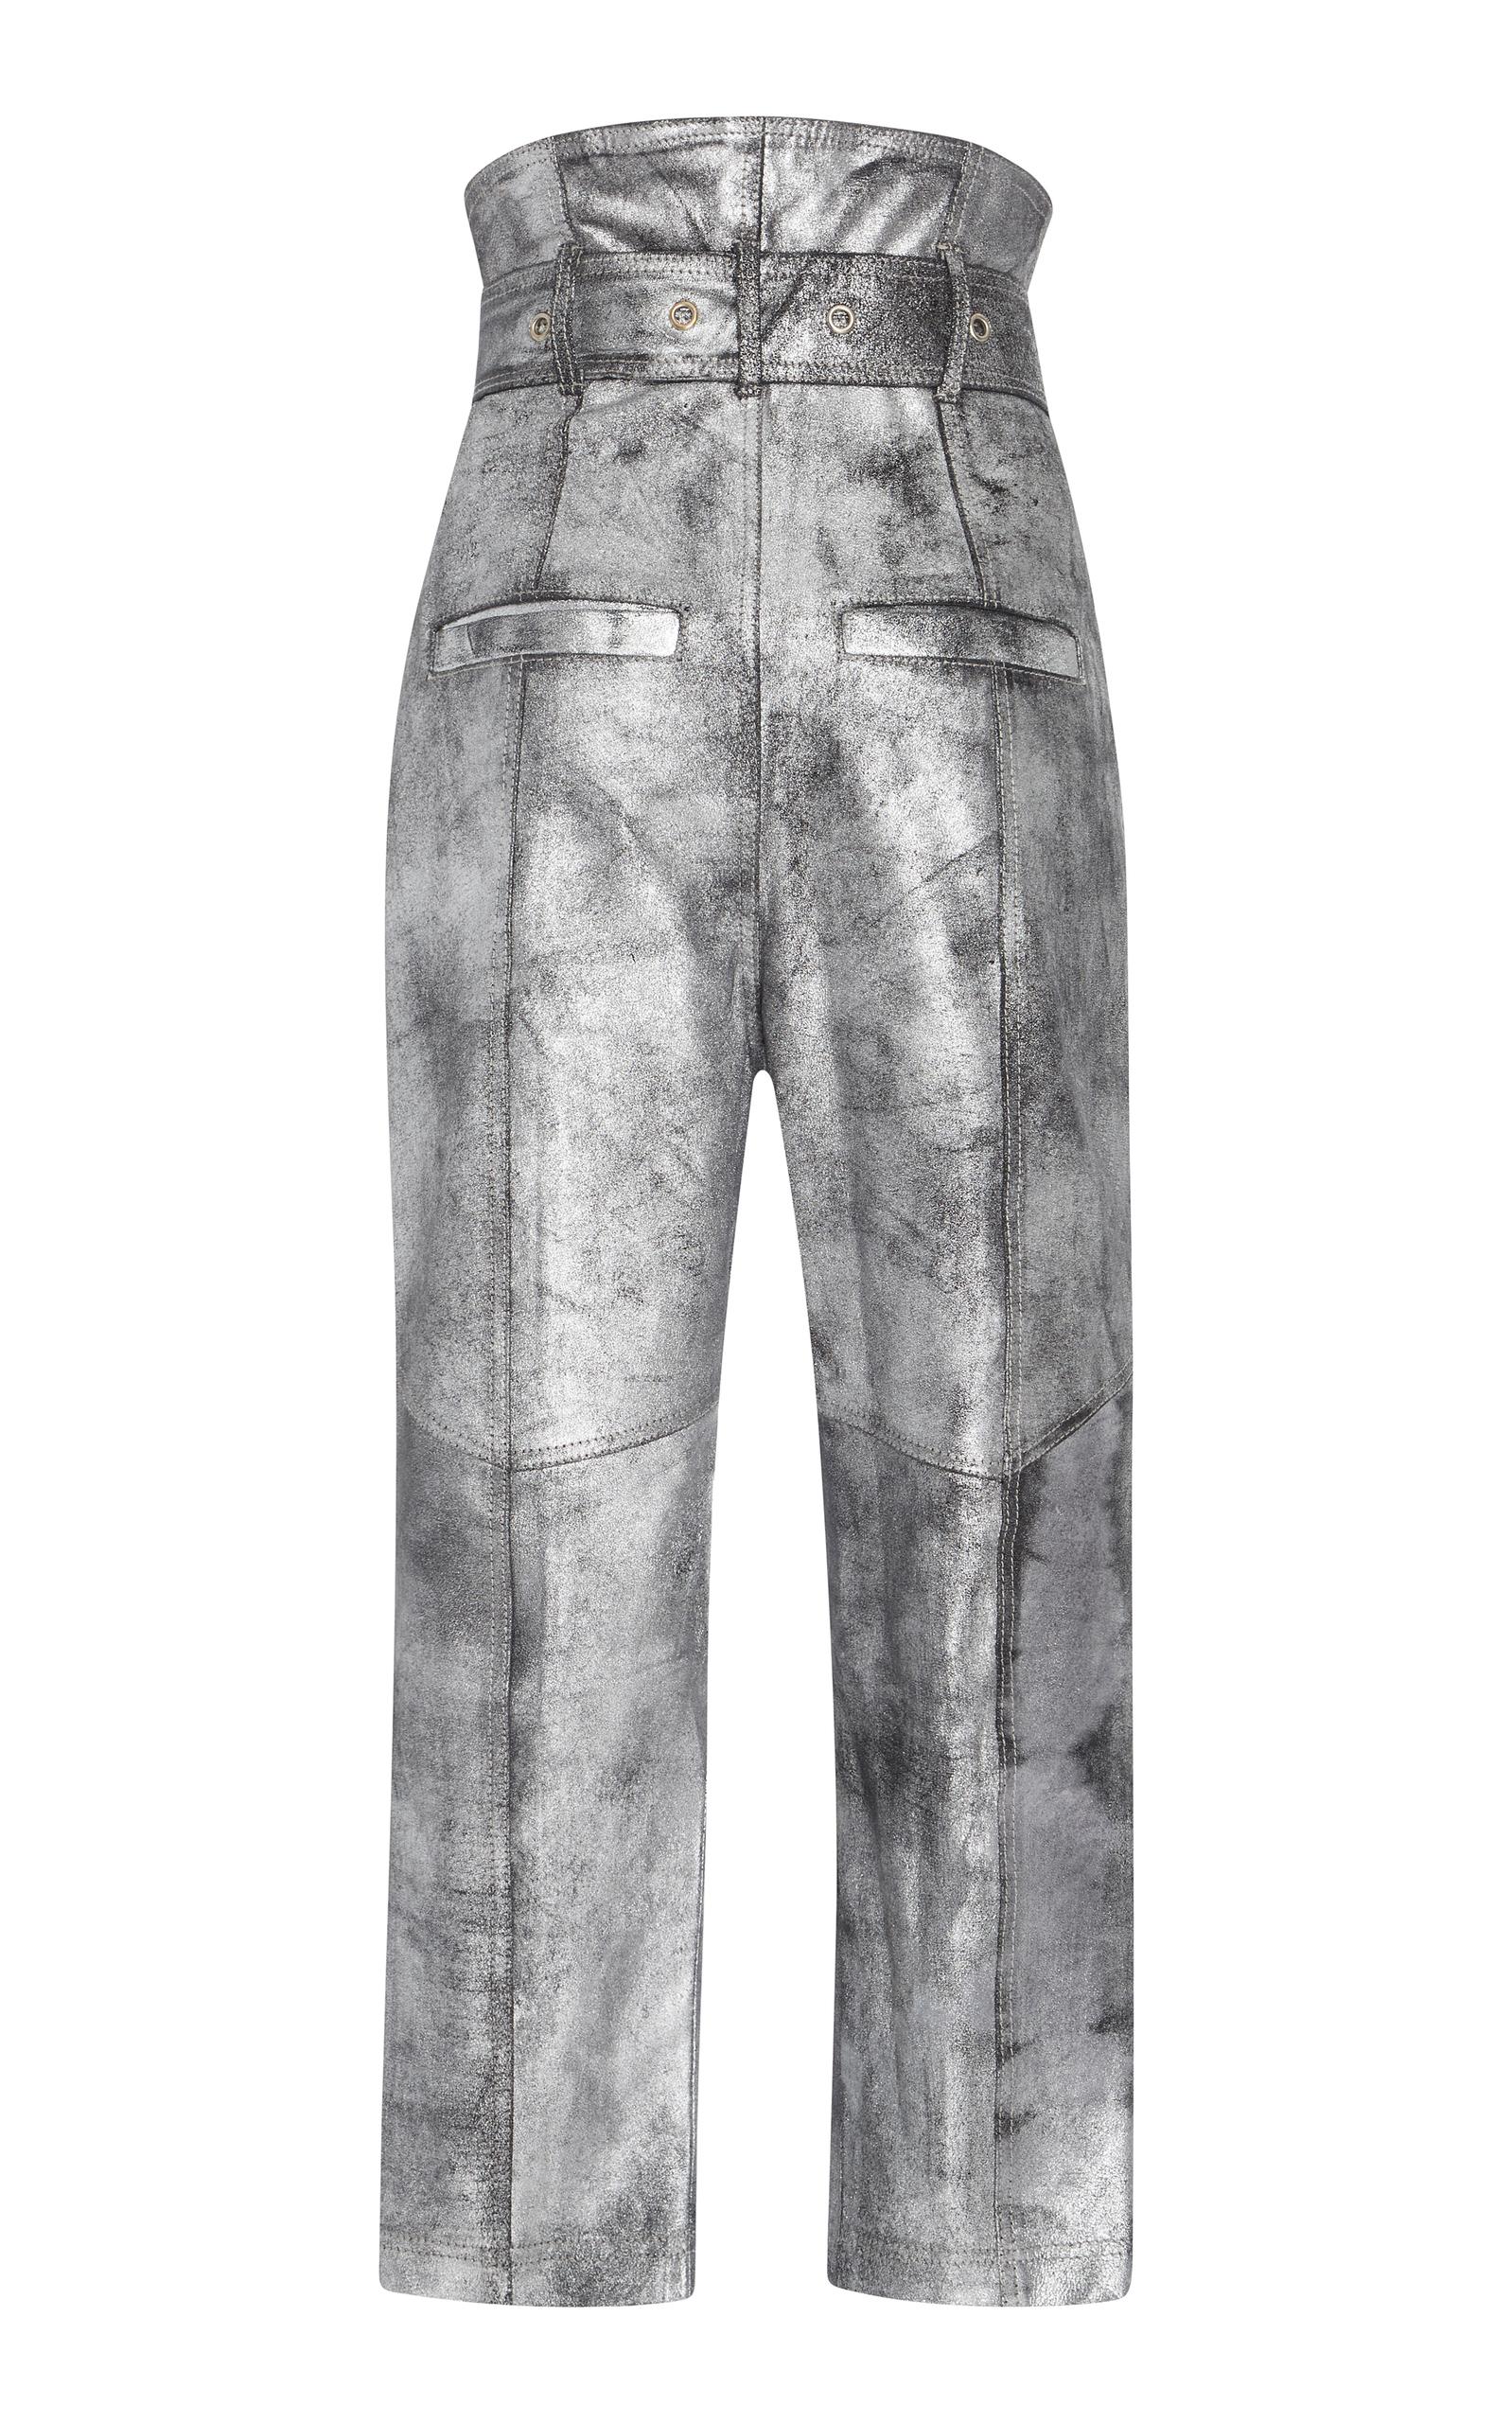 MARISSA WEBB Leathers Anniston Leather Pant